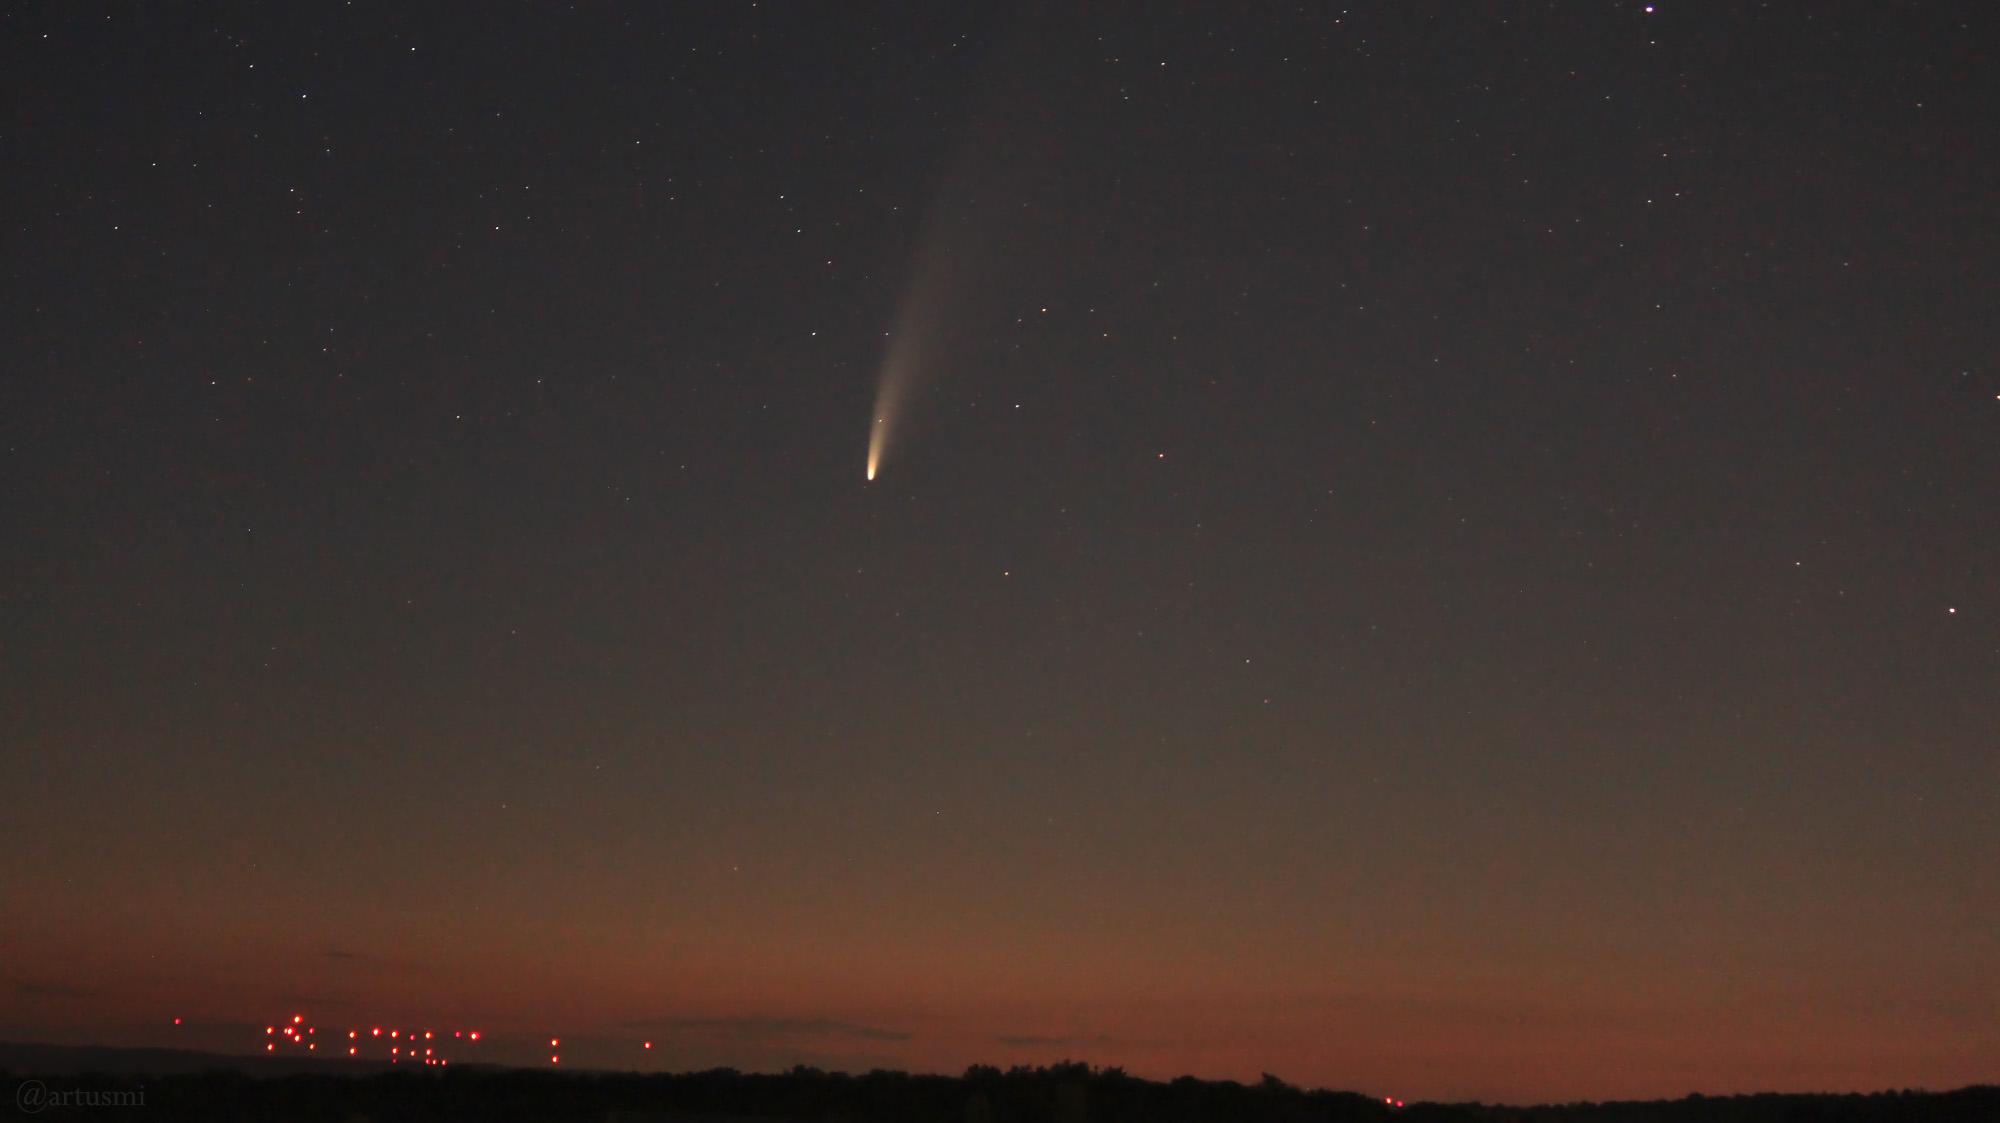 Komet C/2020 F3 (NEOWISE) am 12. Juli 2020 um 03:00 Uhr am Nordosthimmel von Eisingen